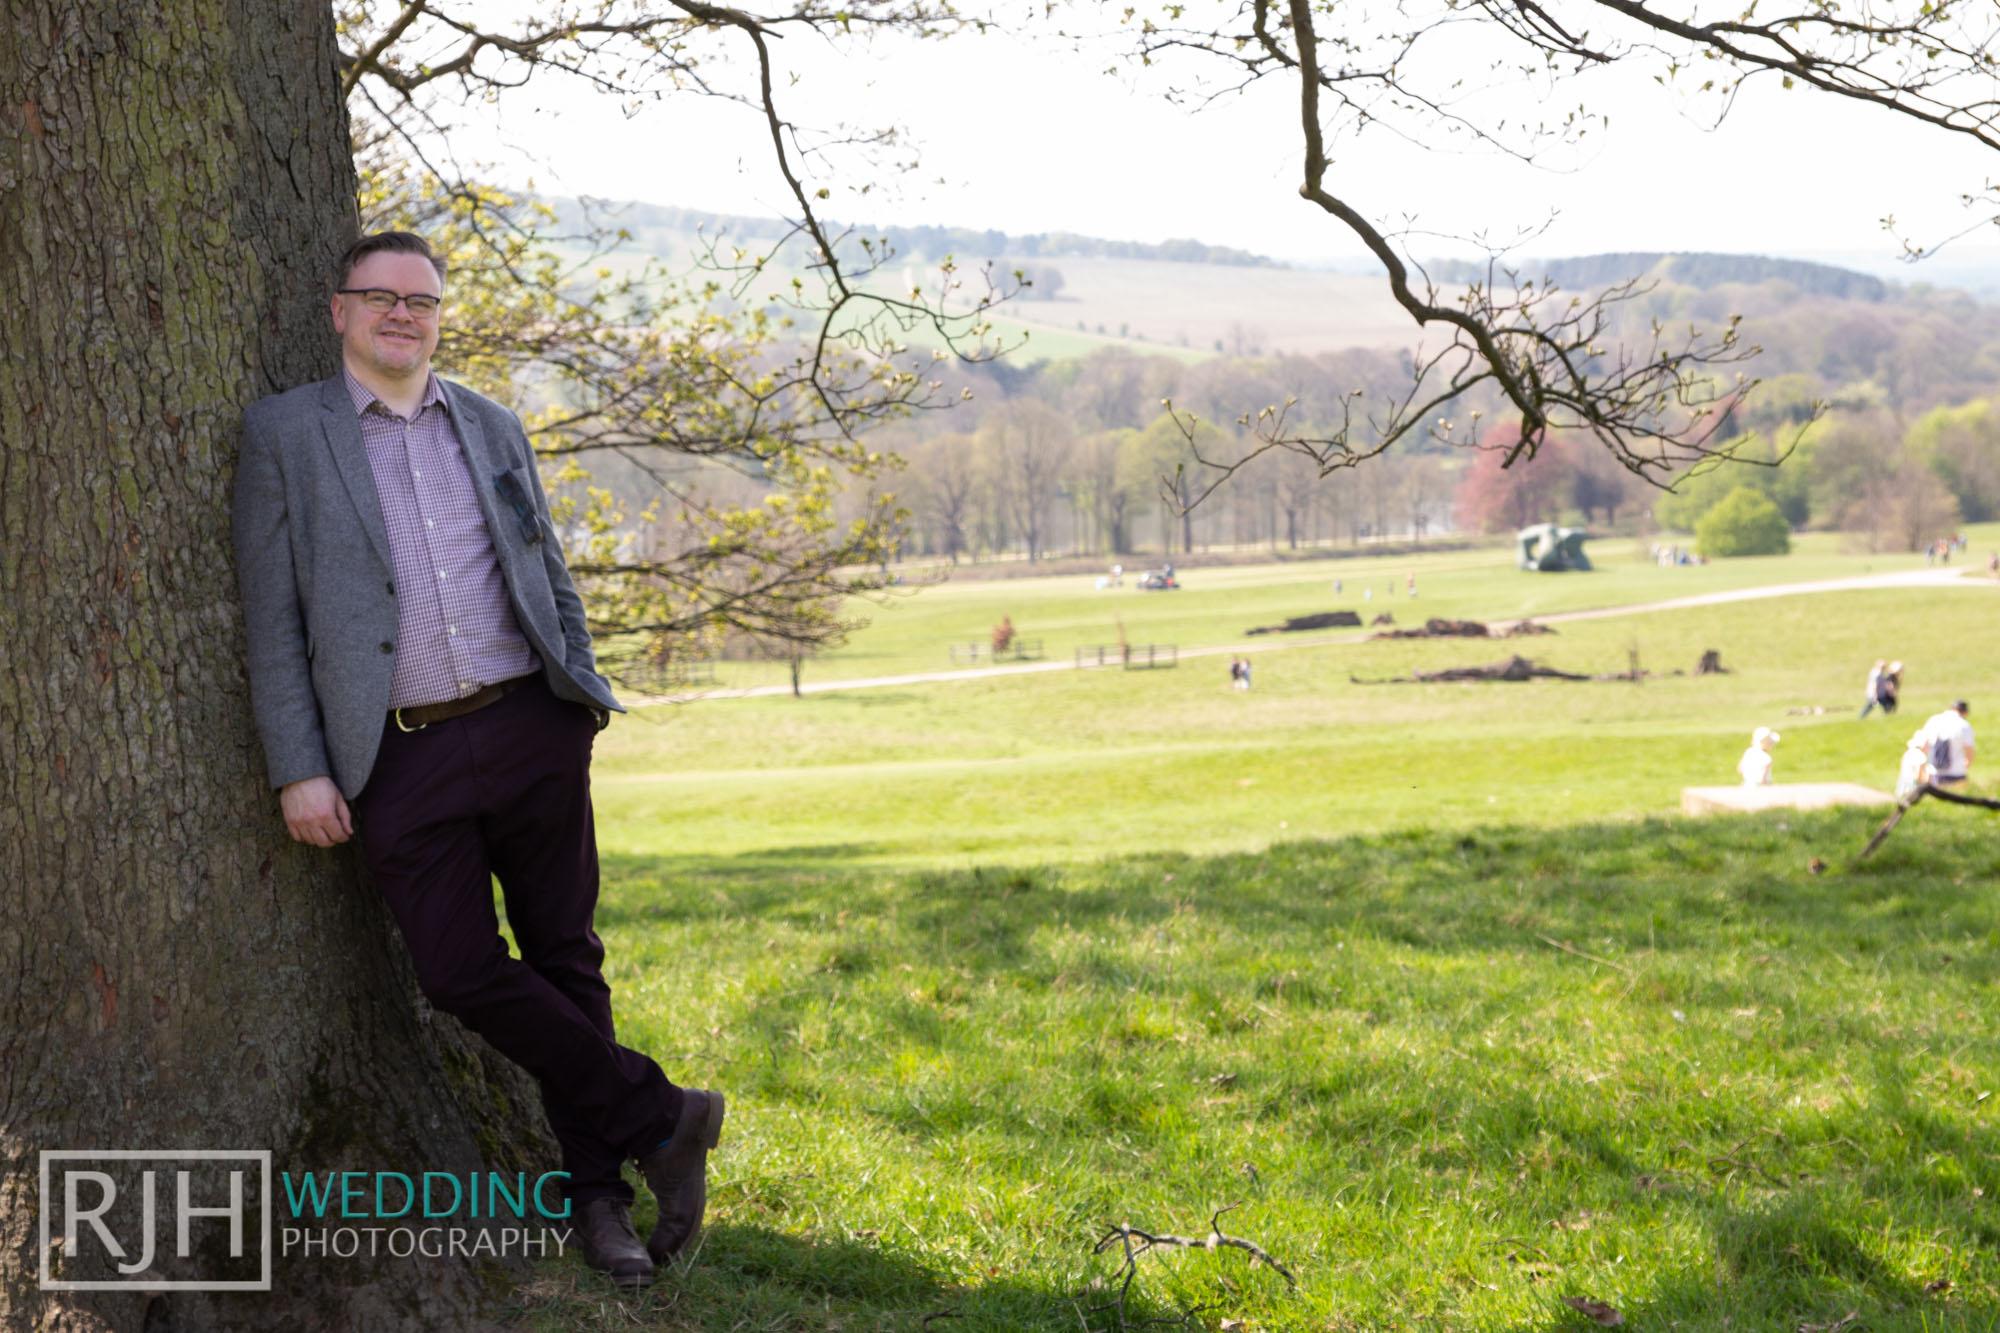 Pre-wedding photography - Richard & Rachel_031_IMG_0325.jpg